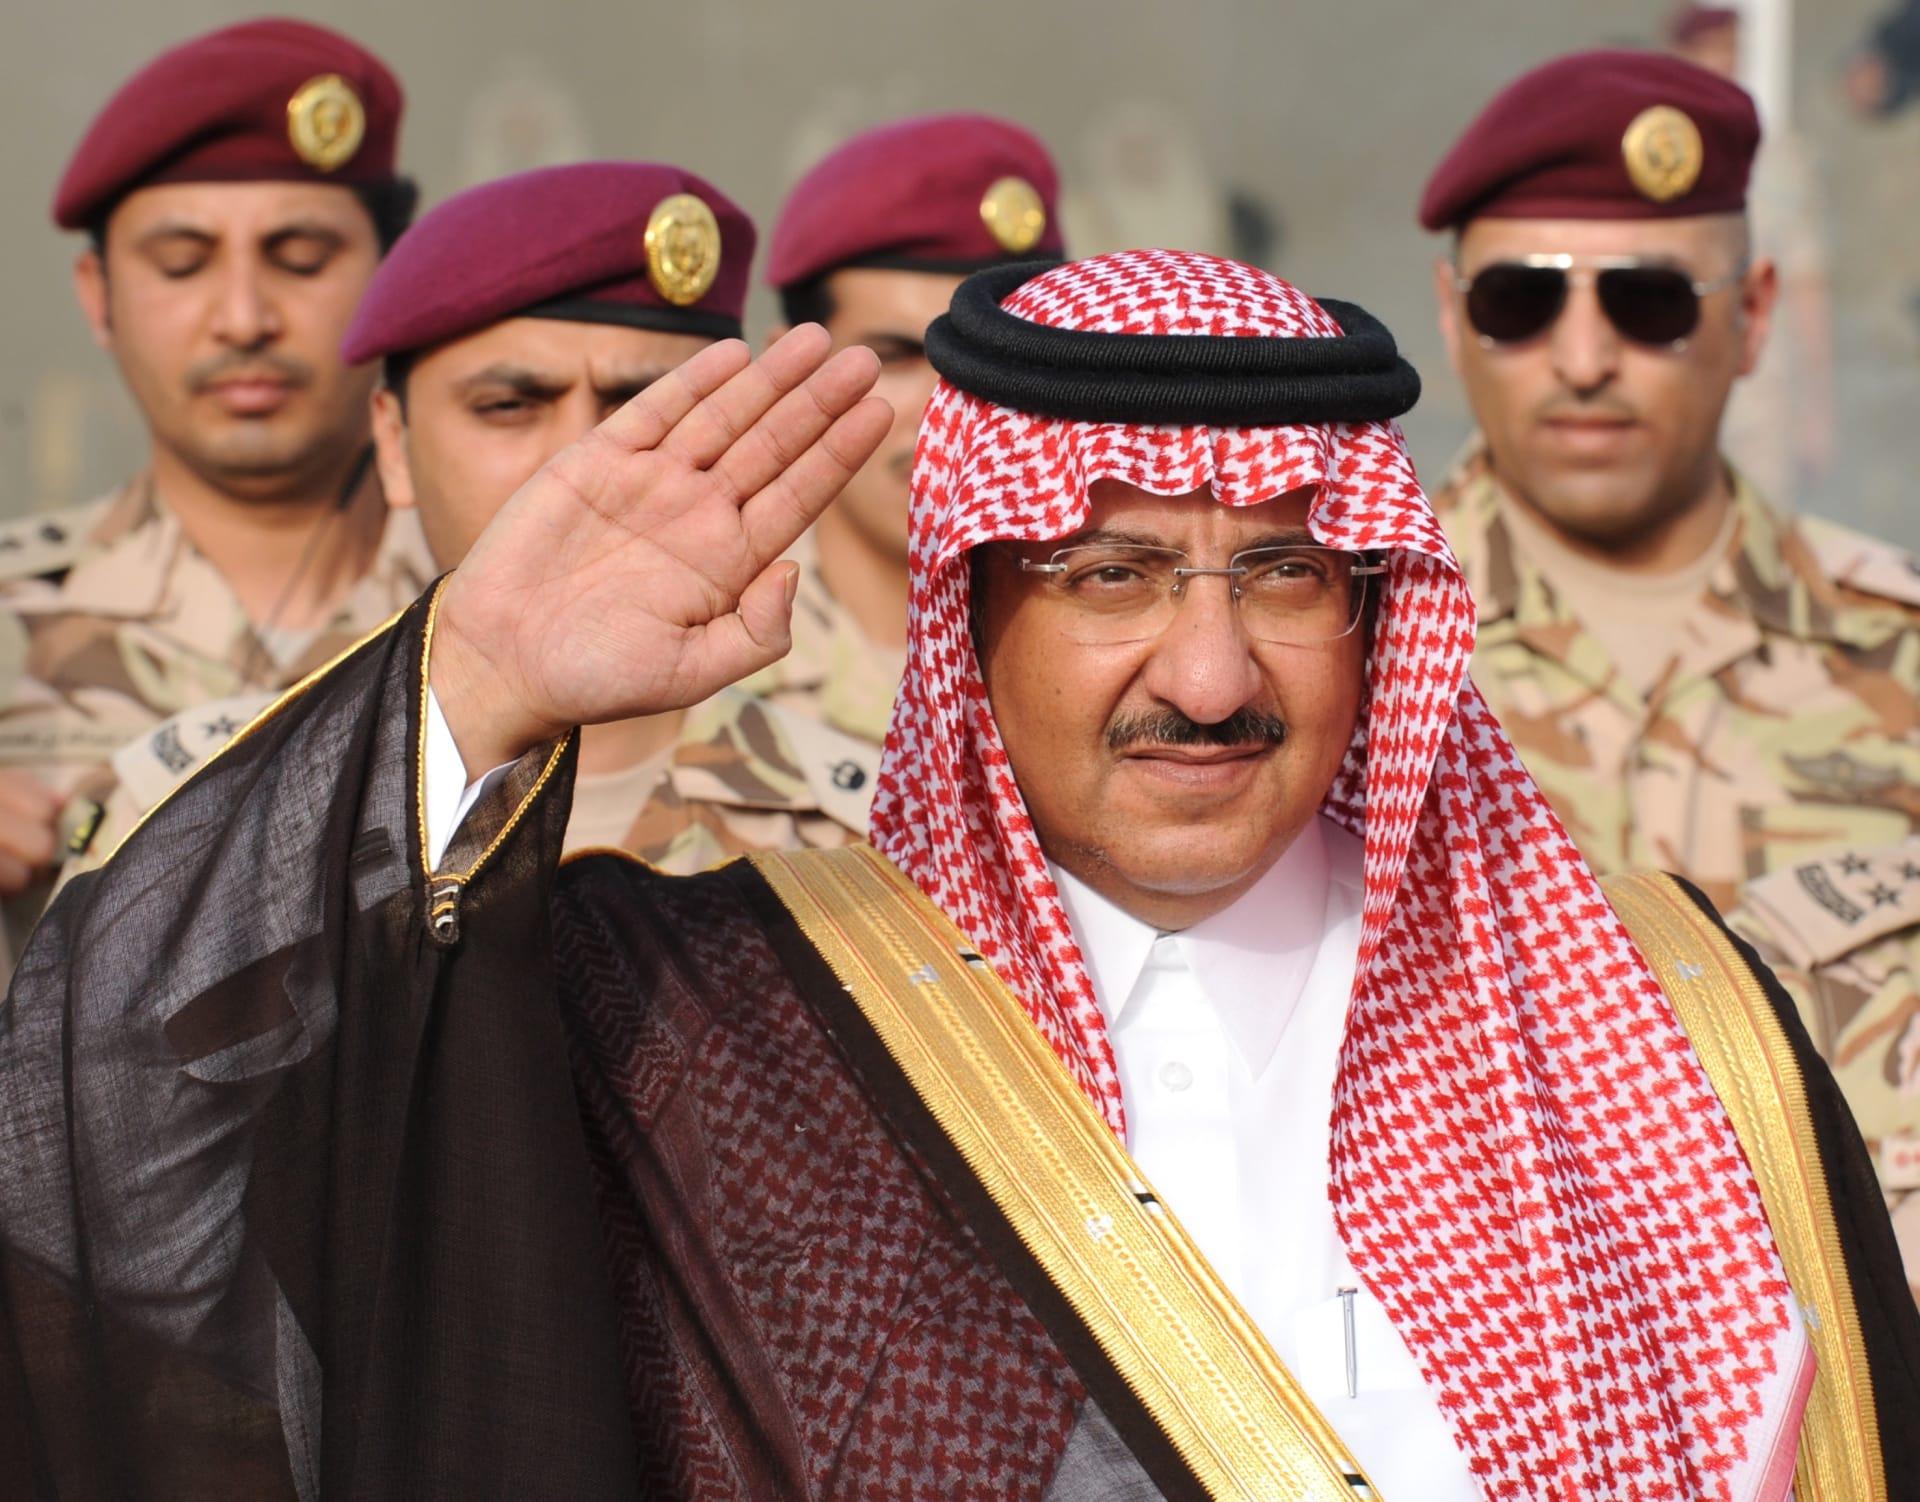 ولي عهد السعودية يبين قوة العلاقة مع أمريكا.. ويؤكد: أحبطنا عمليات إرهابية استهدفت دولا صديقة